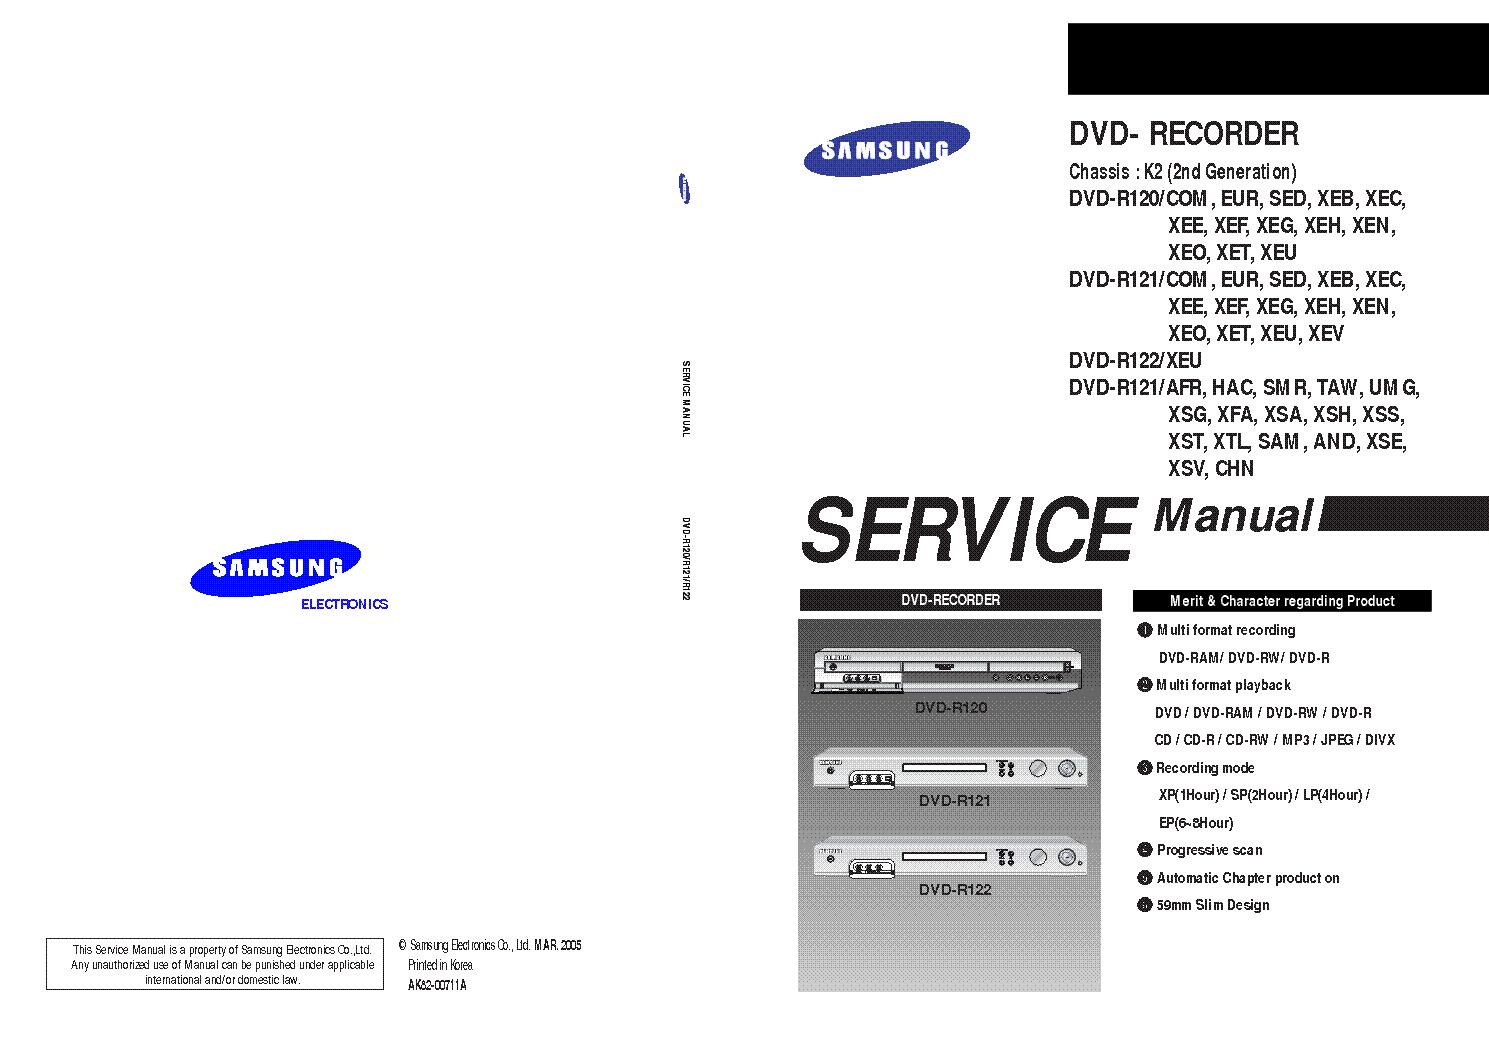 Samsung 00688a r120 88~92 spa dvd 20050502081619062 0413.